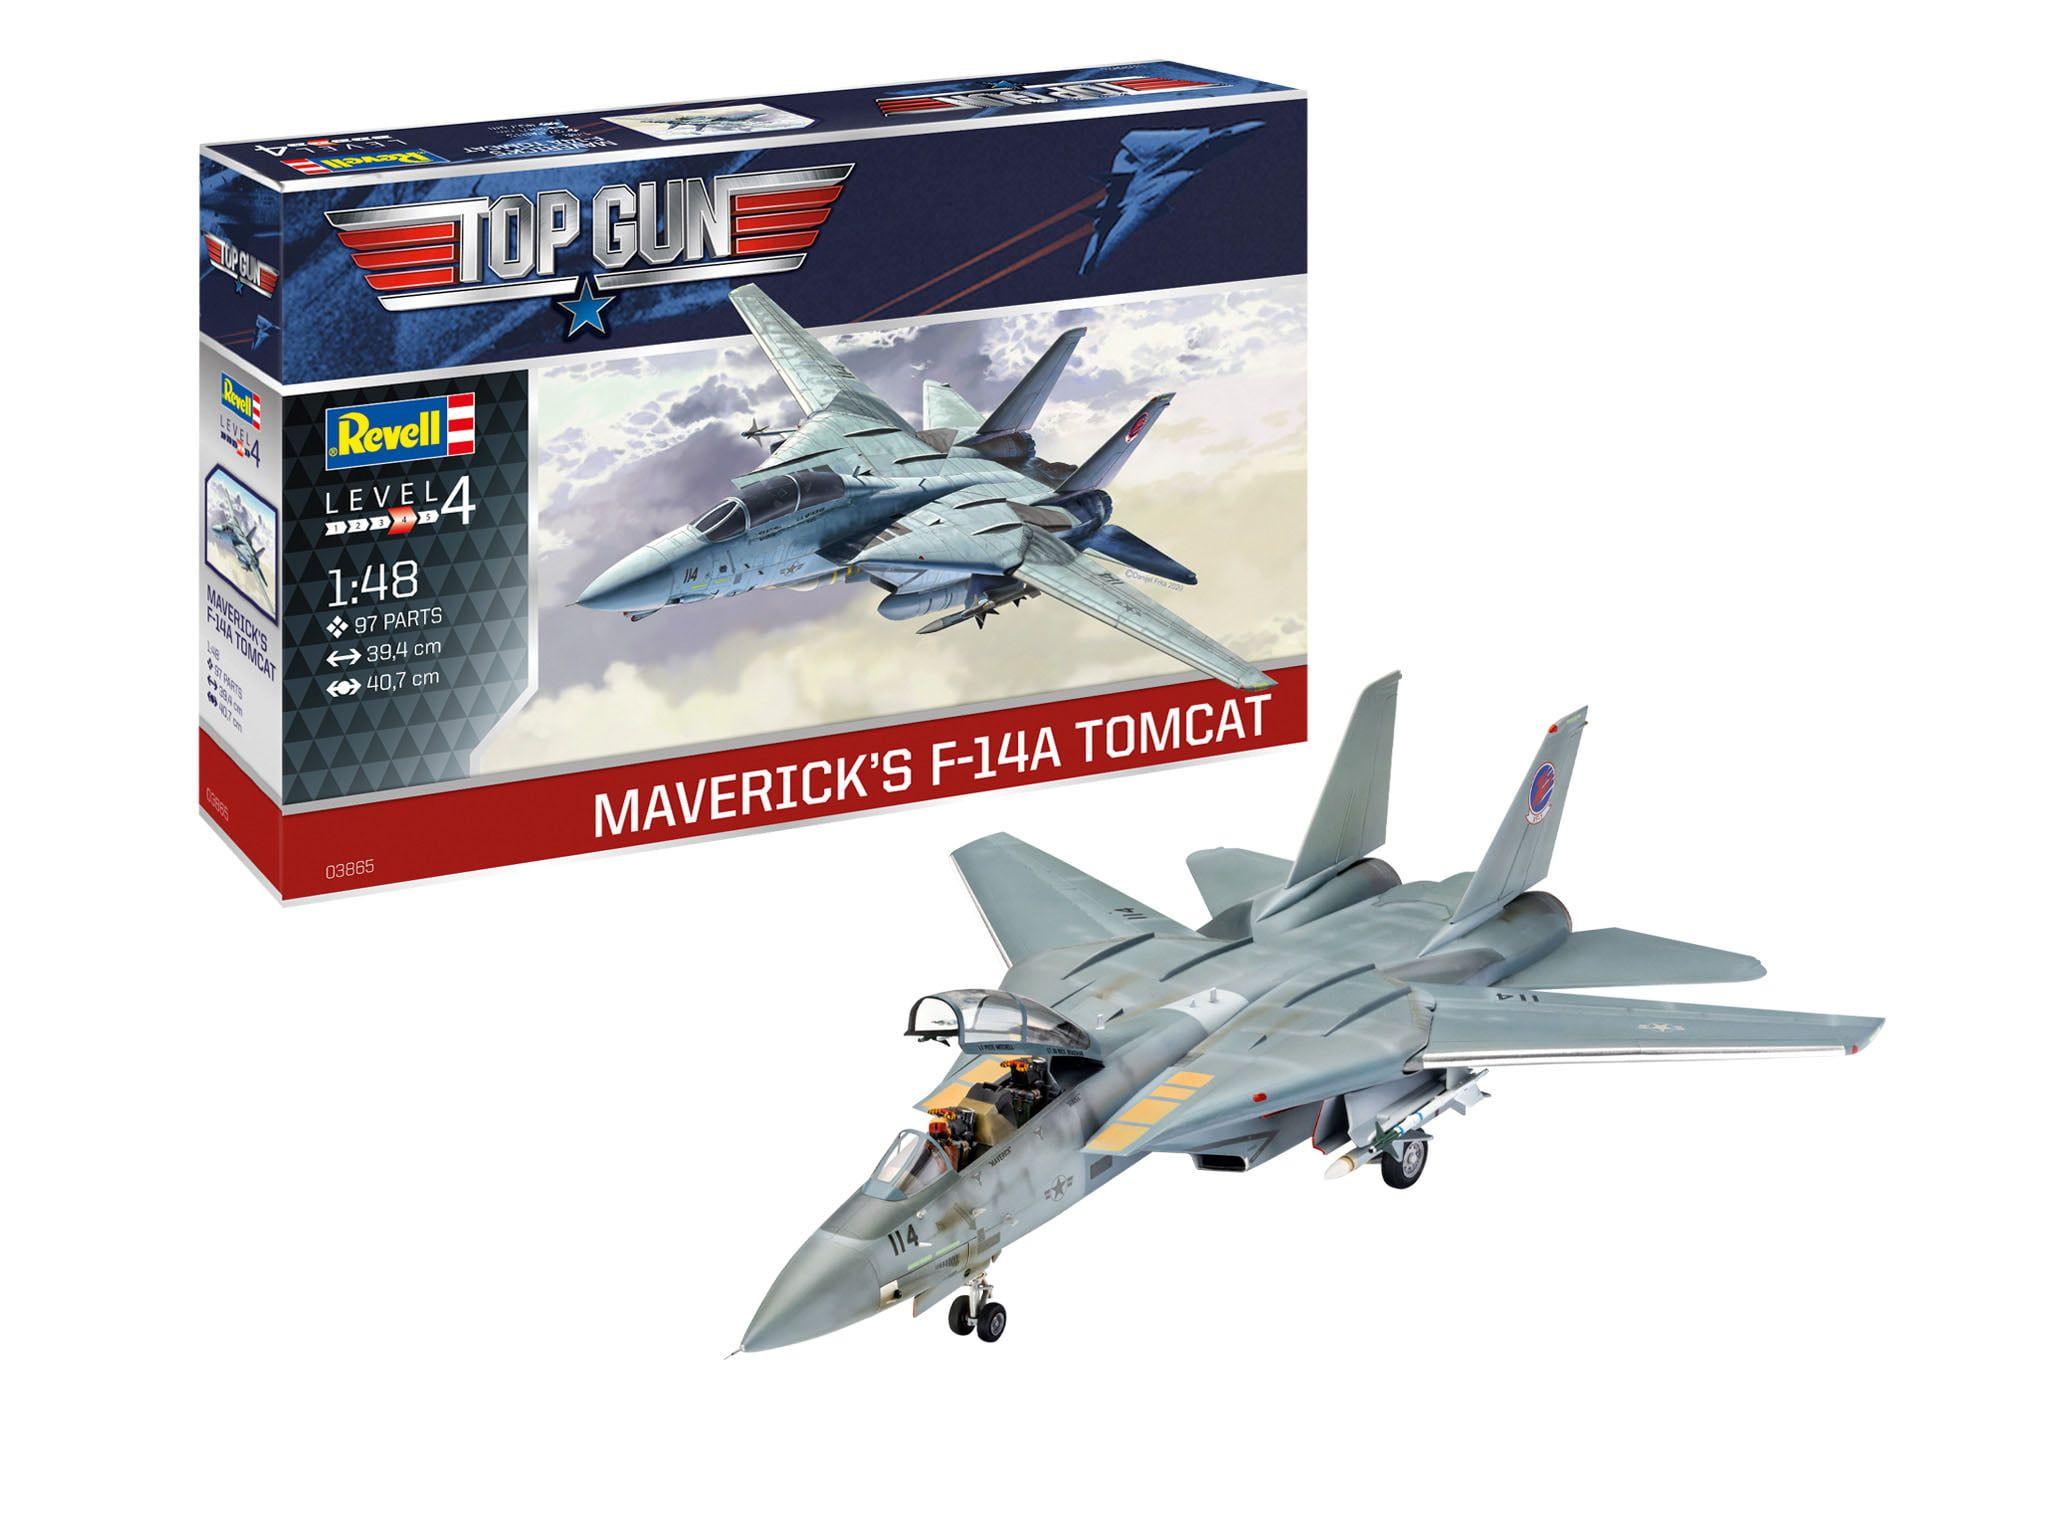 Revell Top Gun F-14A Tomcat